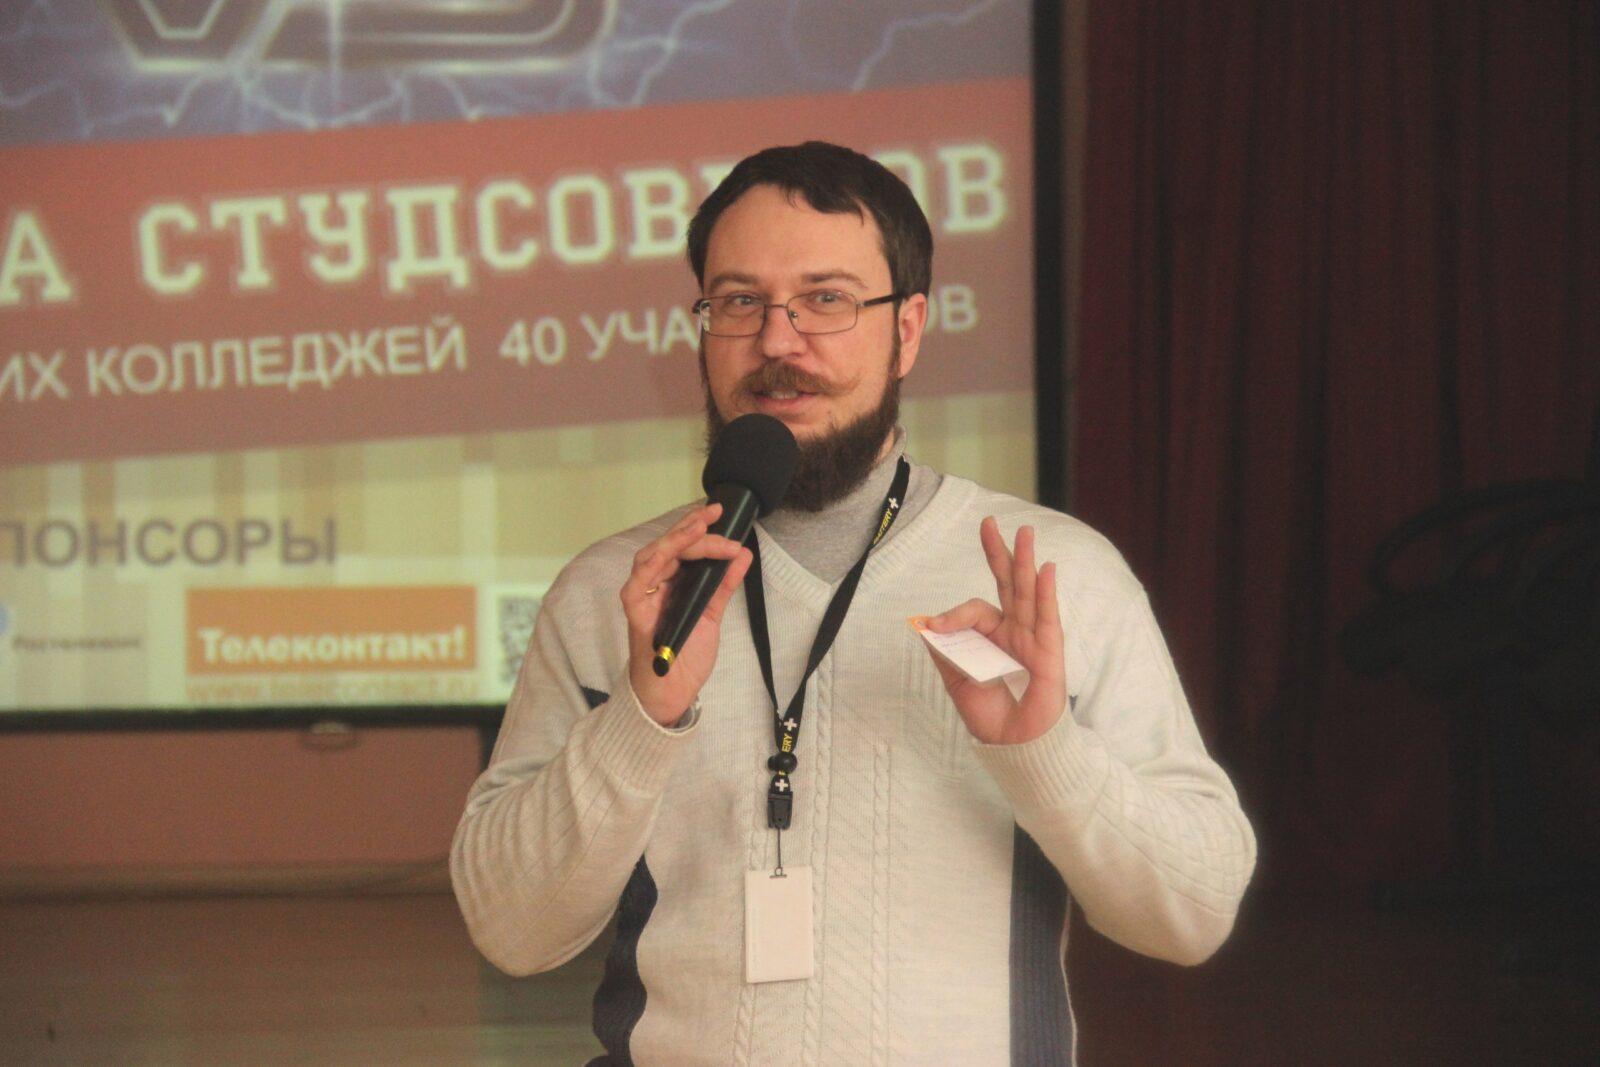 Юрий Зайцев: Виртуальные технологии меняют реальный мир